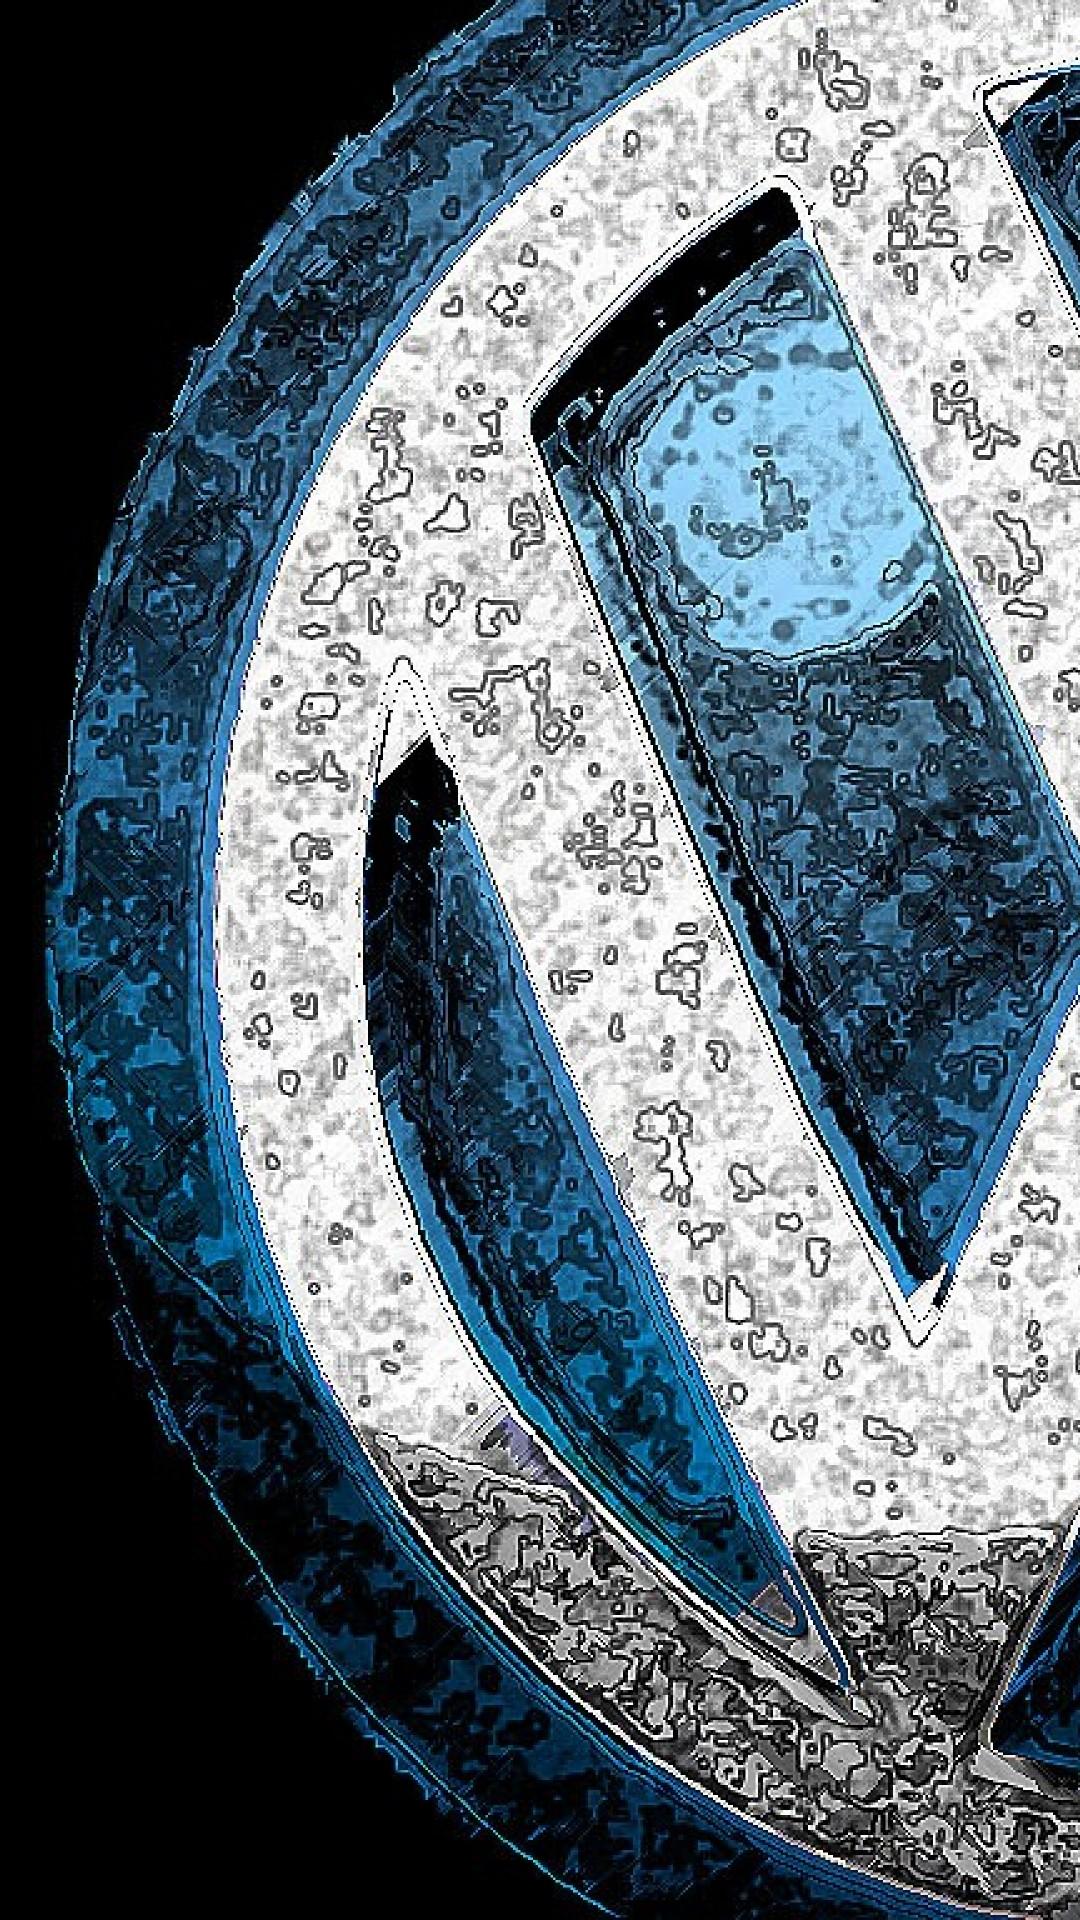 Volkswagen Logo Hd Wallpaper For Desktop And Mobiles Iphone 6 6s